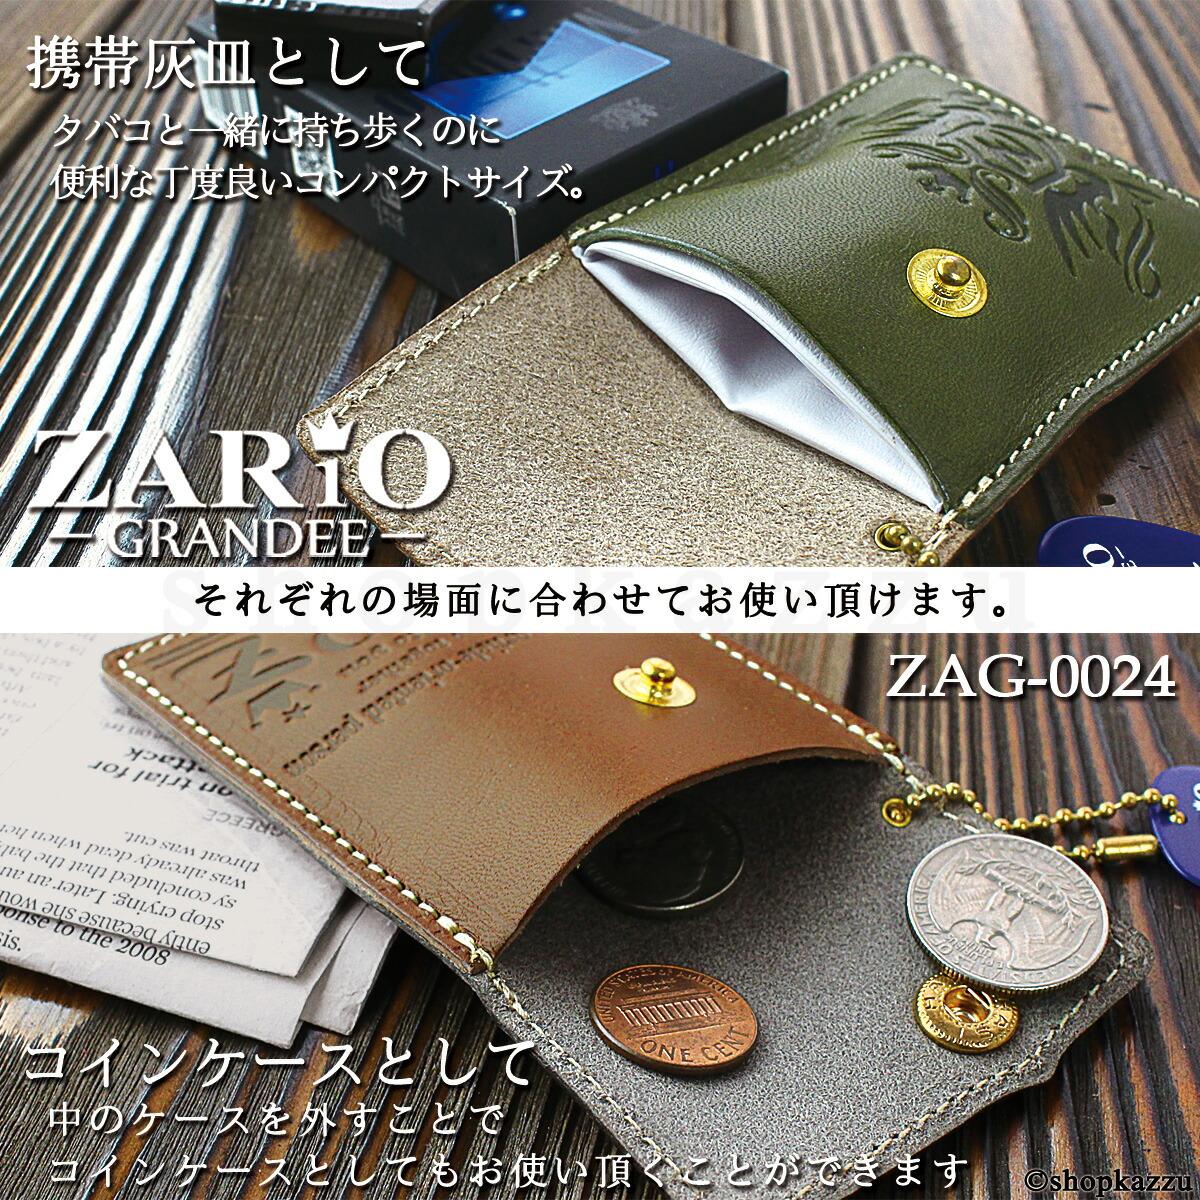 携帯灰皿 メンズ 牛革 栃木レザー コインケース ZARIO-GRANDEE- (5色・3種) 【ZAG-0024】イメージ写真3